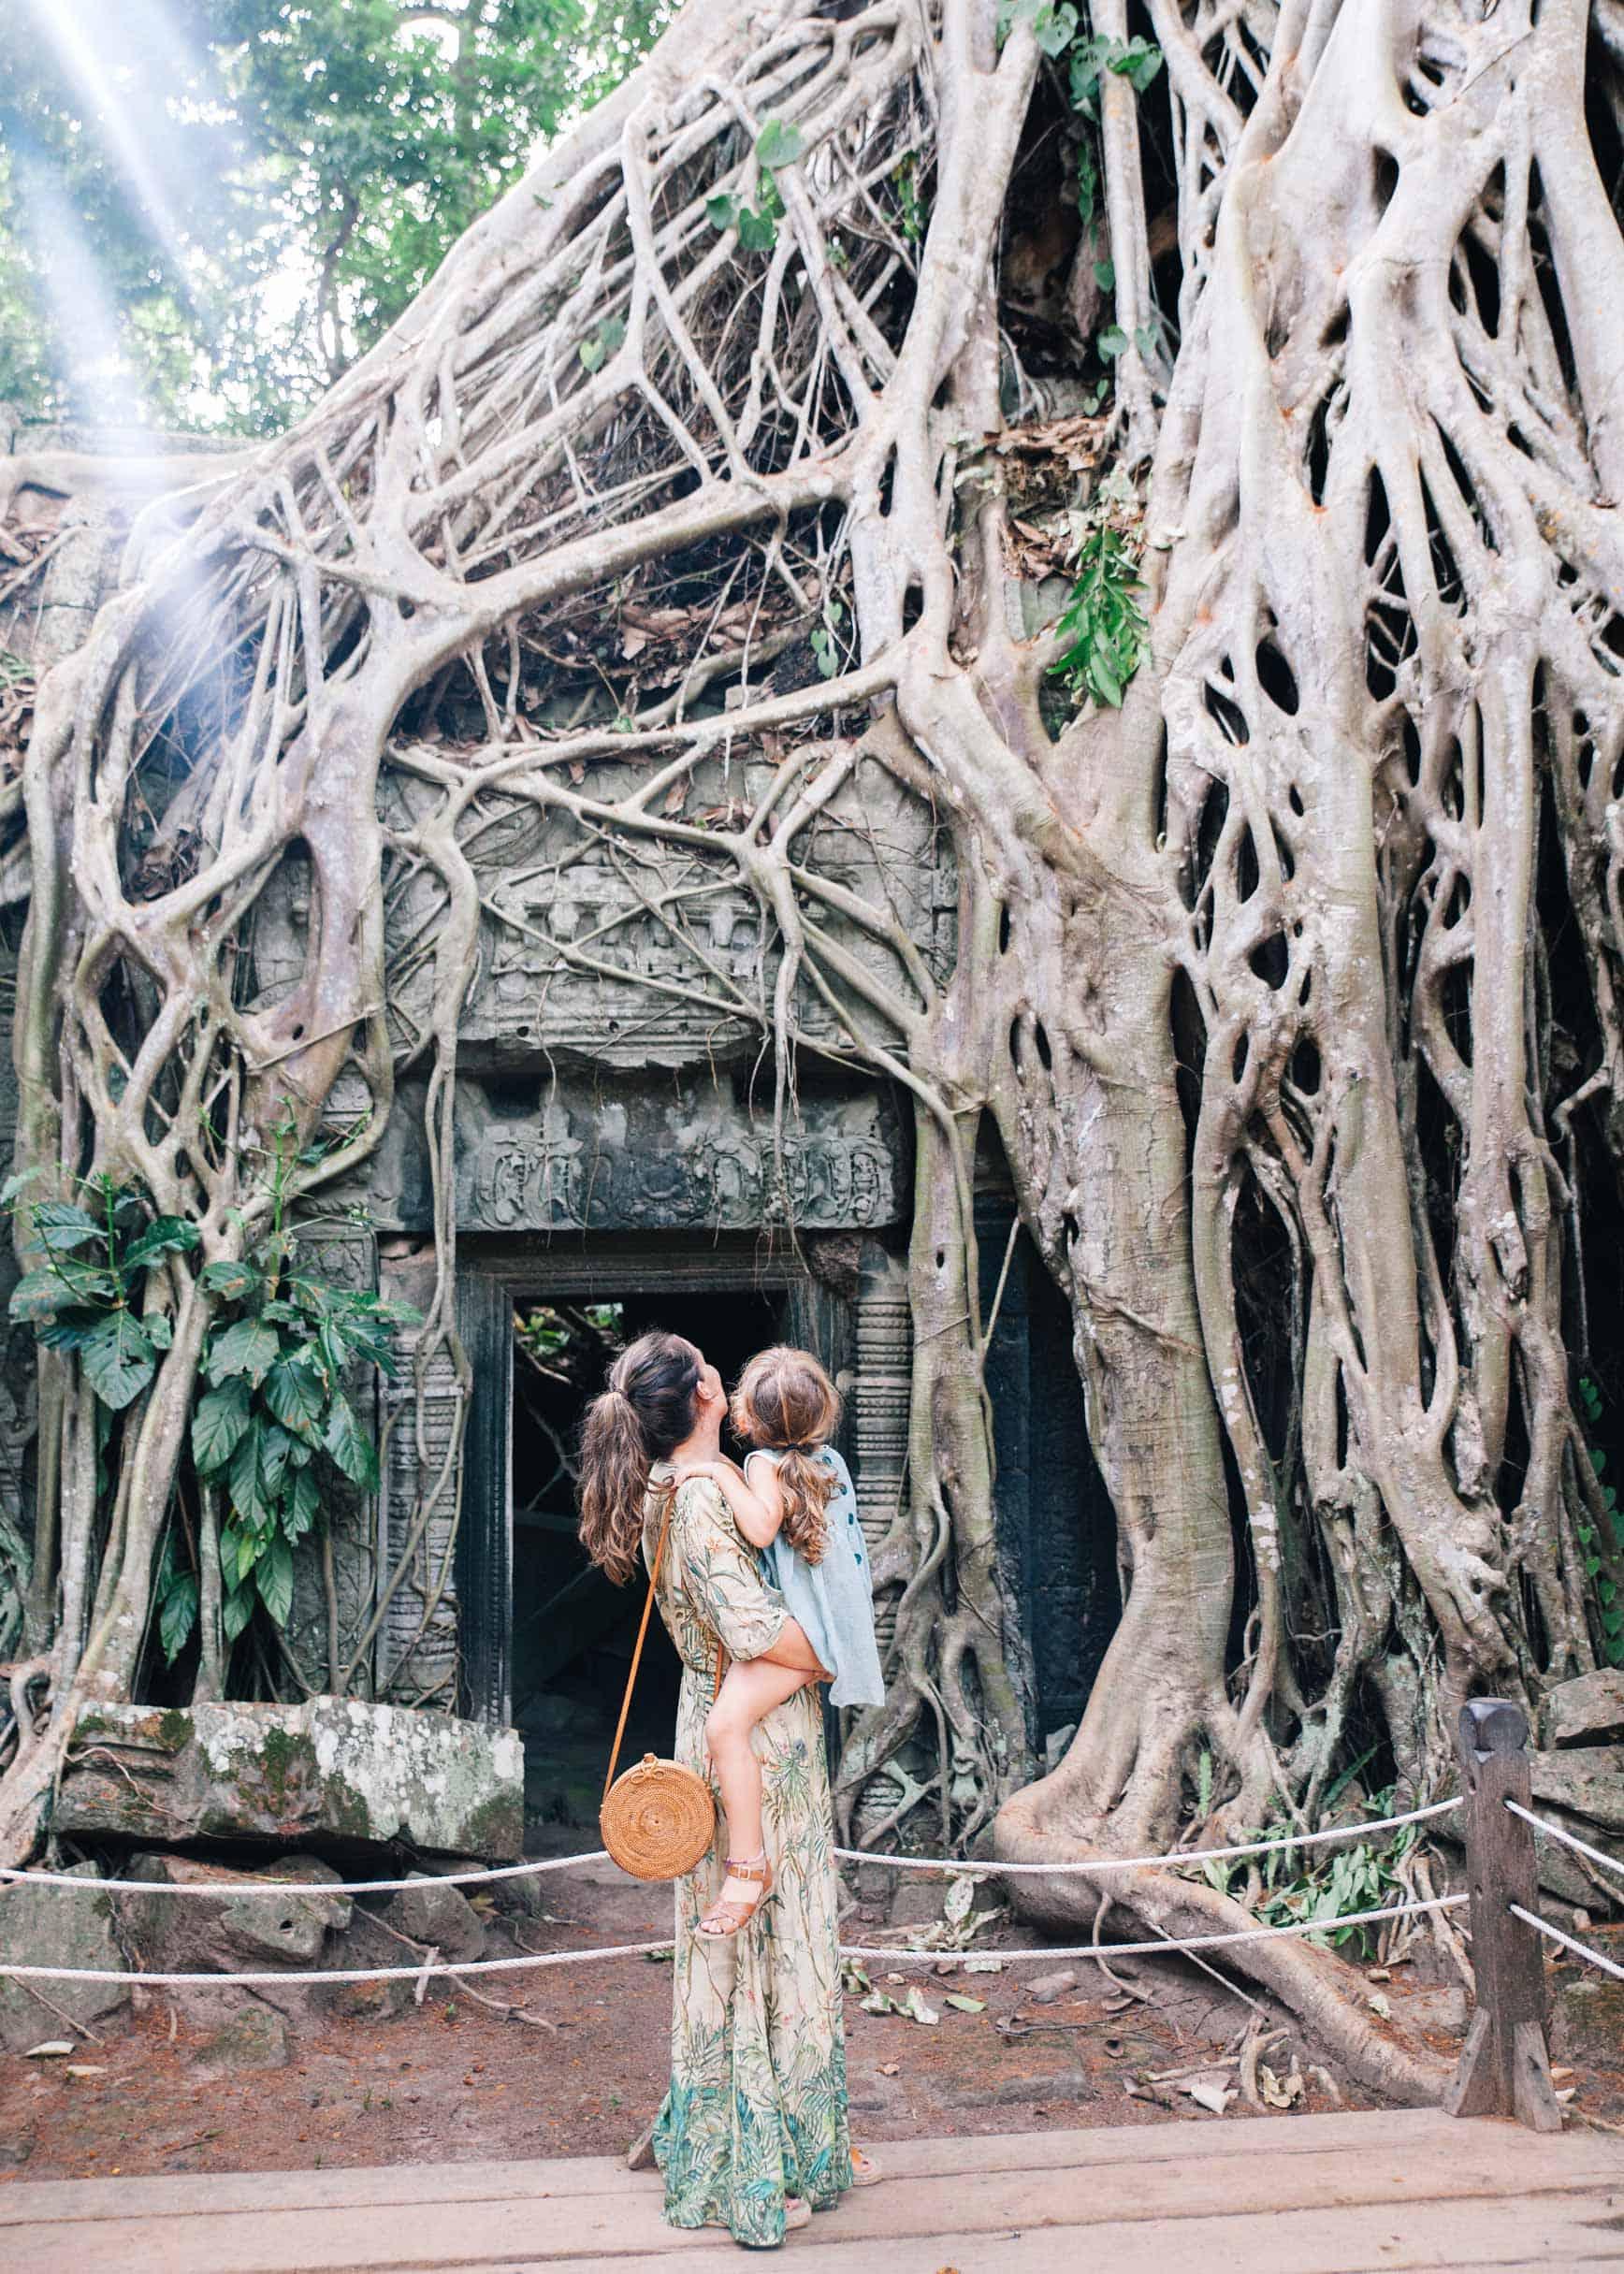 Viaje a Vietnam y Camboya: Nuestro itinerario de 15 días y alojamientos